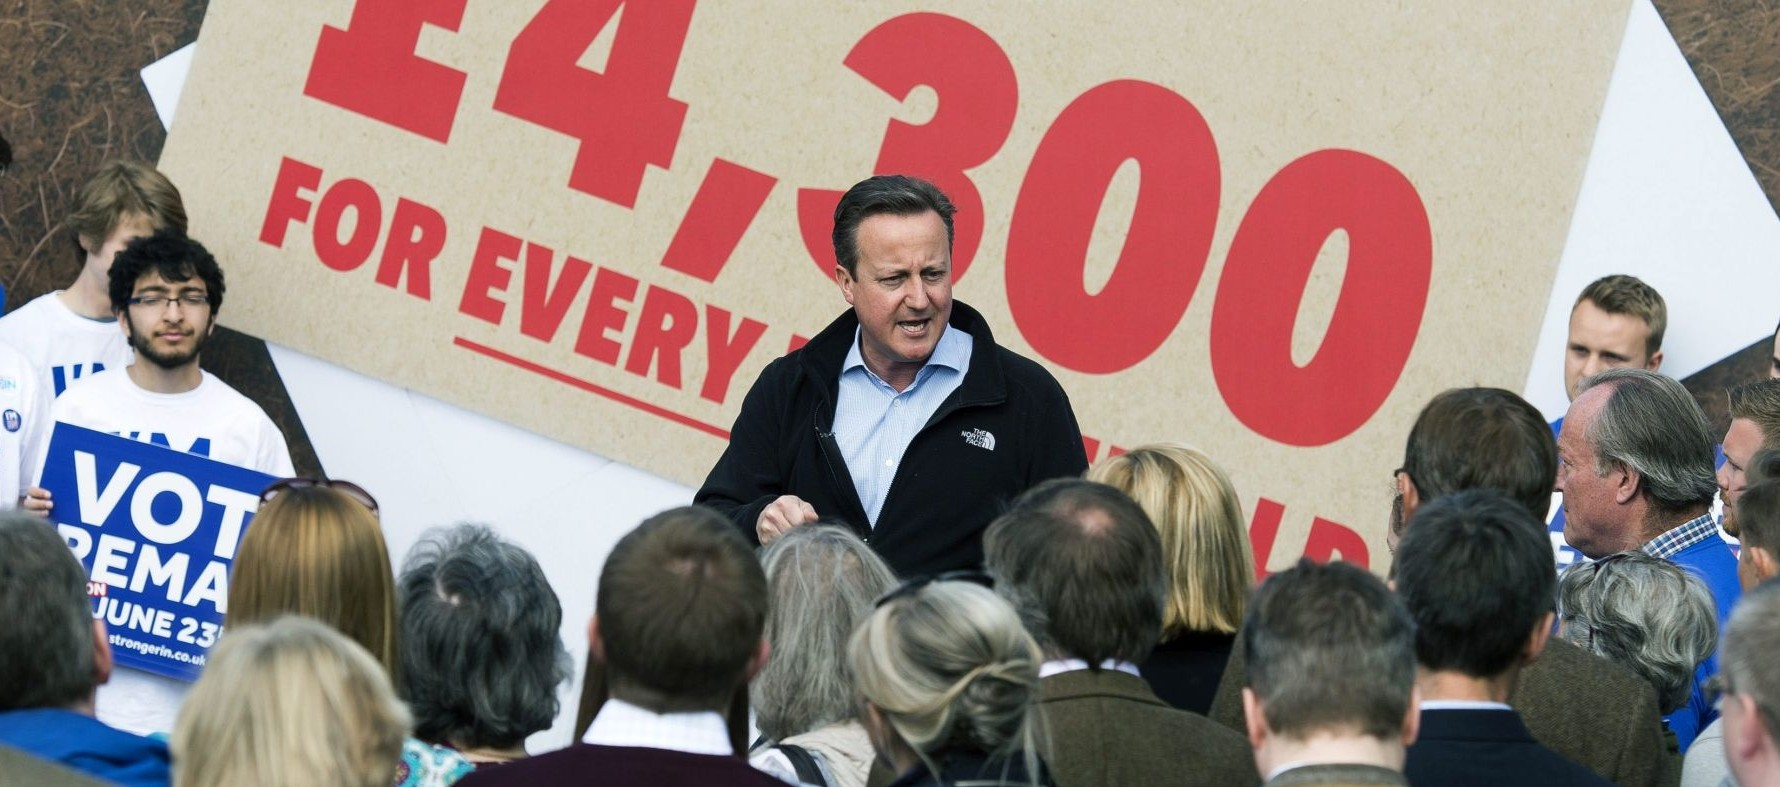 BREXIT: 300 poslovnih ljudi za izlazak Velike Britanije iz Europske unije